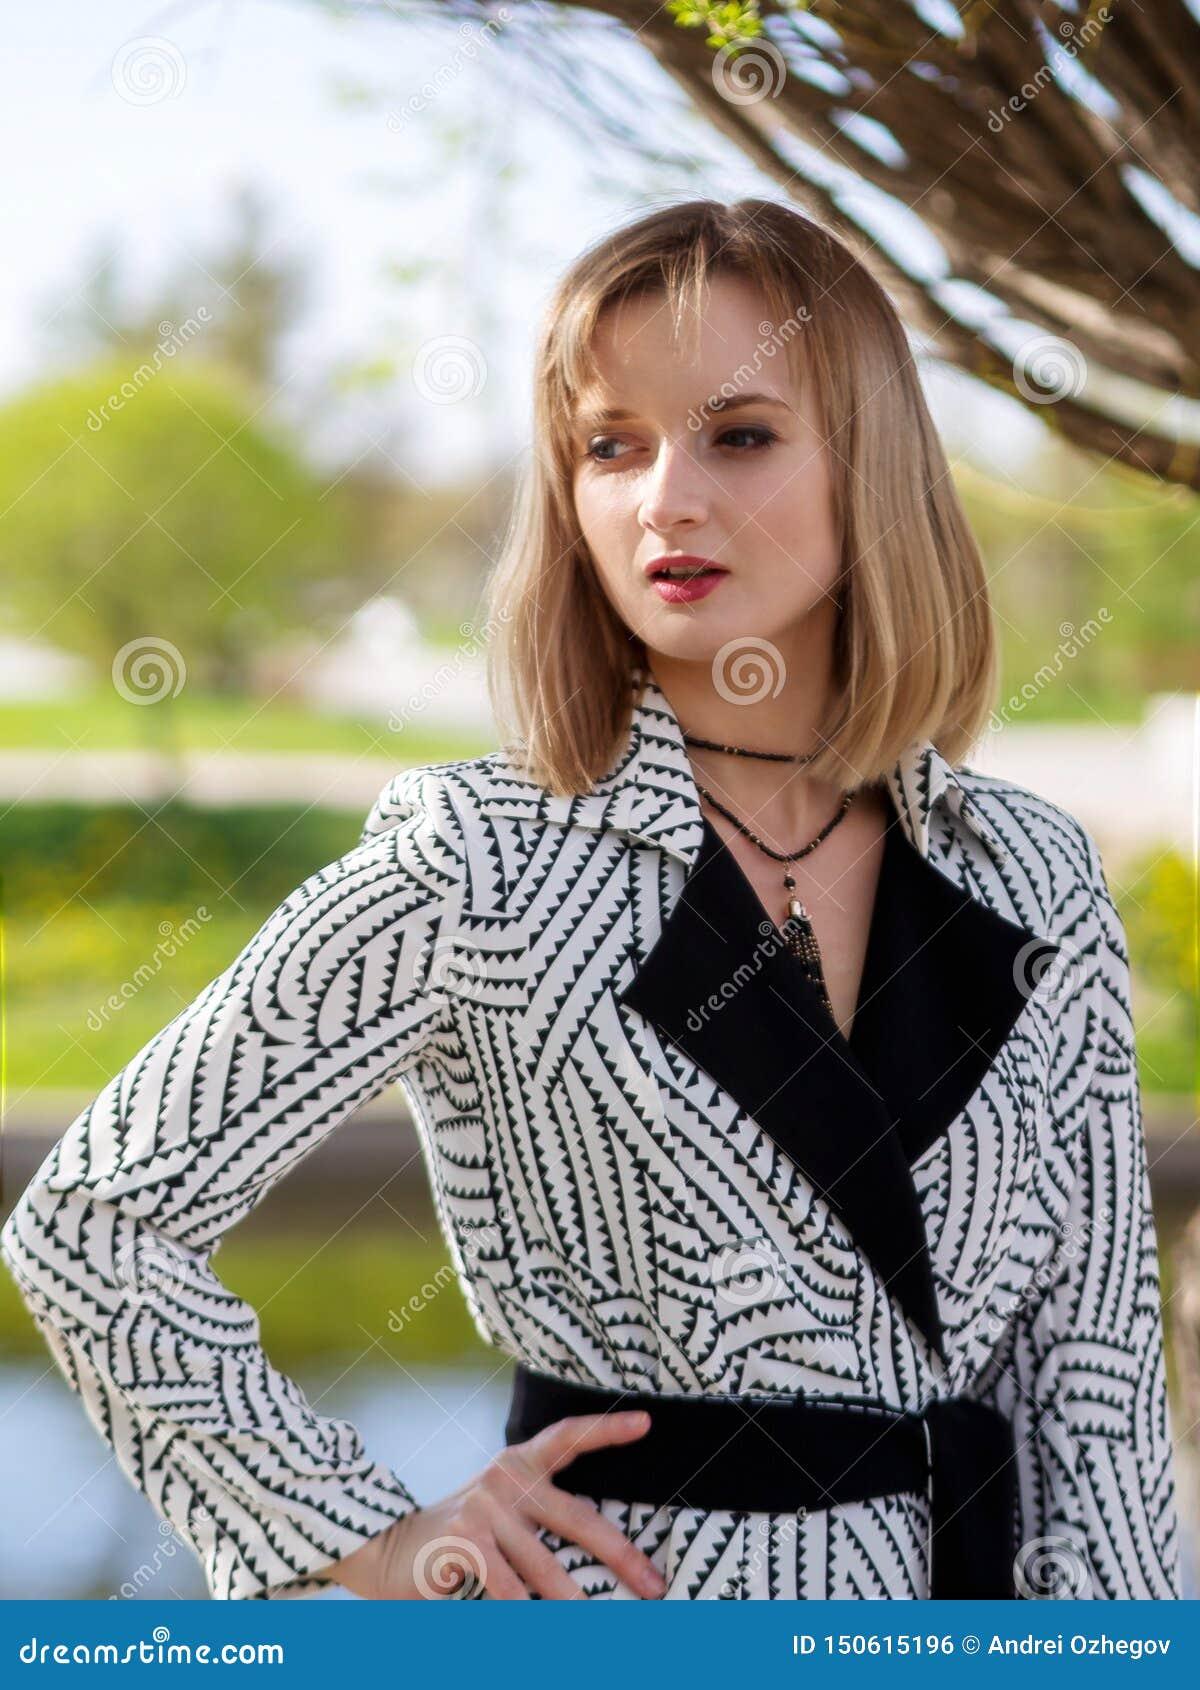 Femme blonde dans un manteau noir et blanc